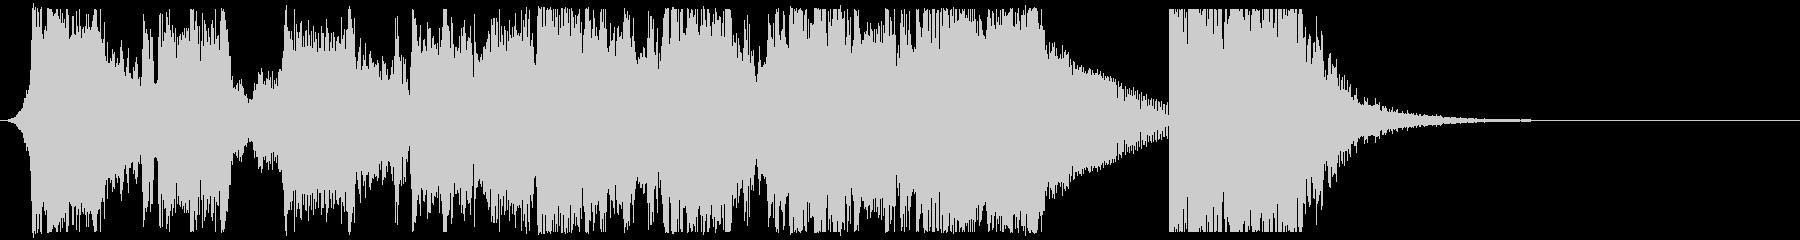 インパクトあるエピックロックサウンドロゴの未再生の波形